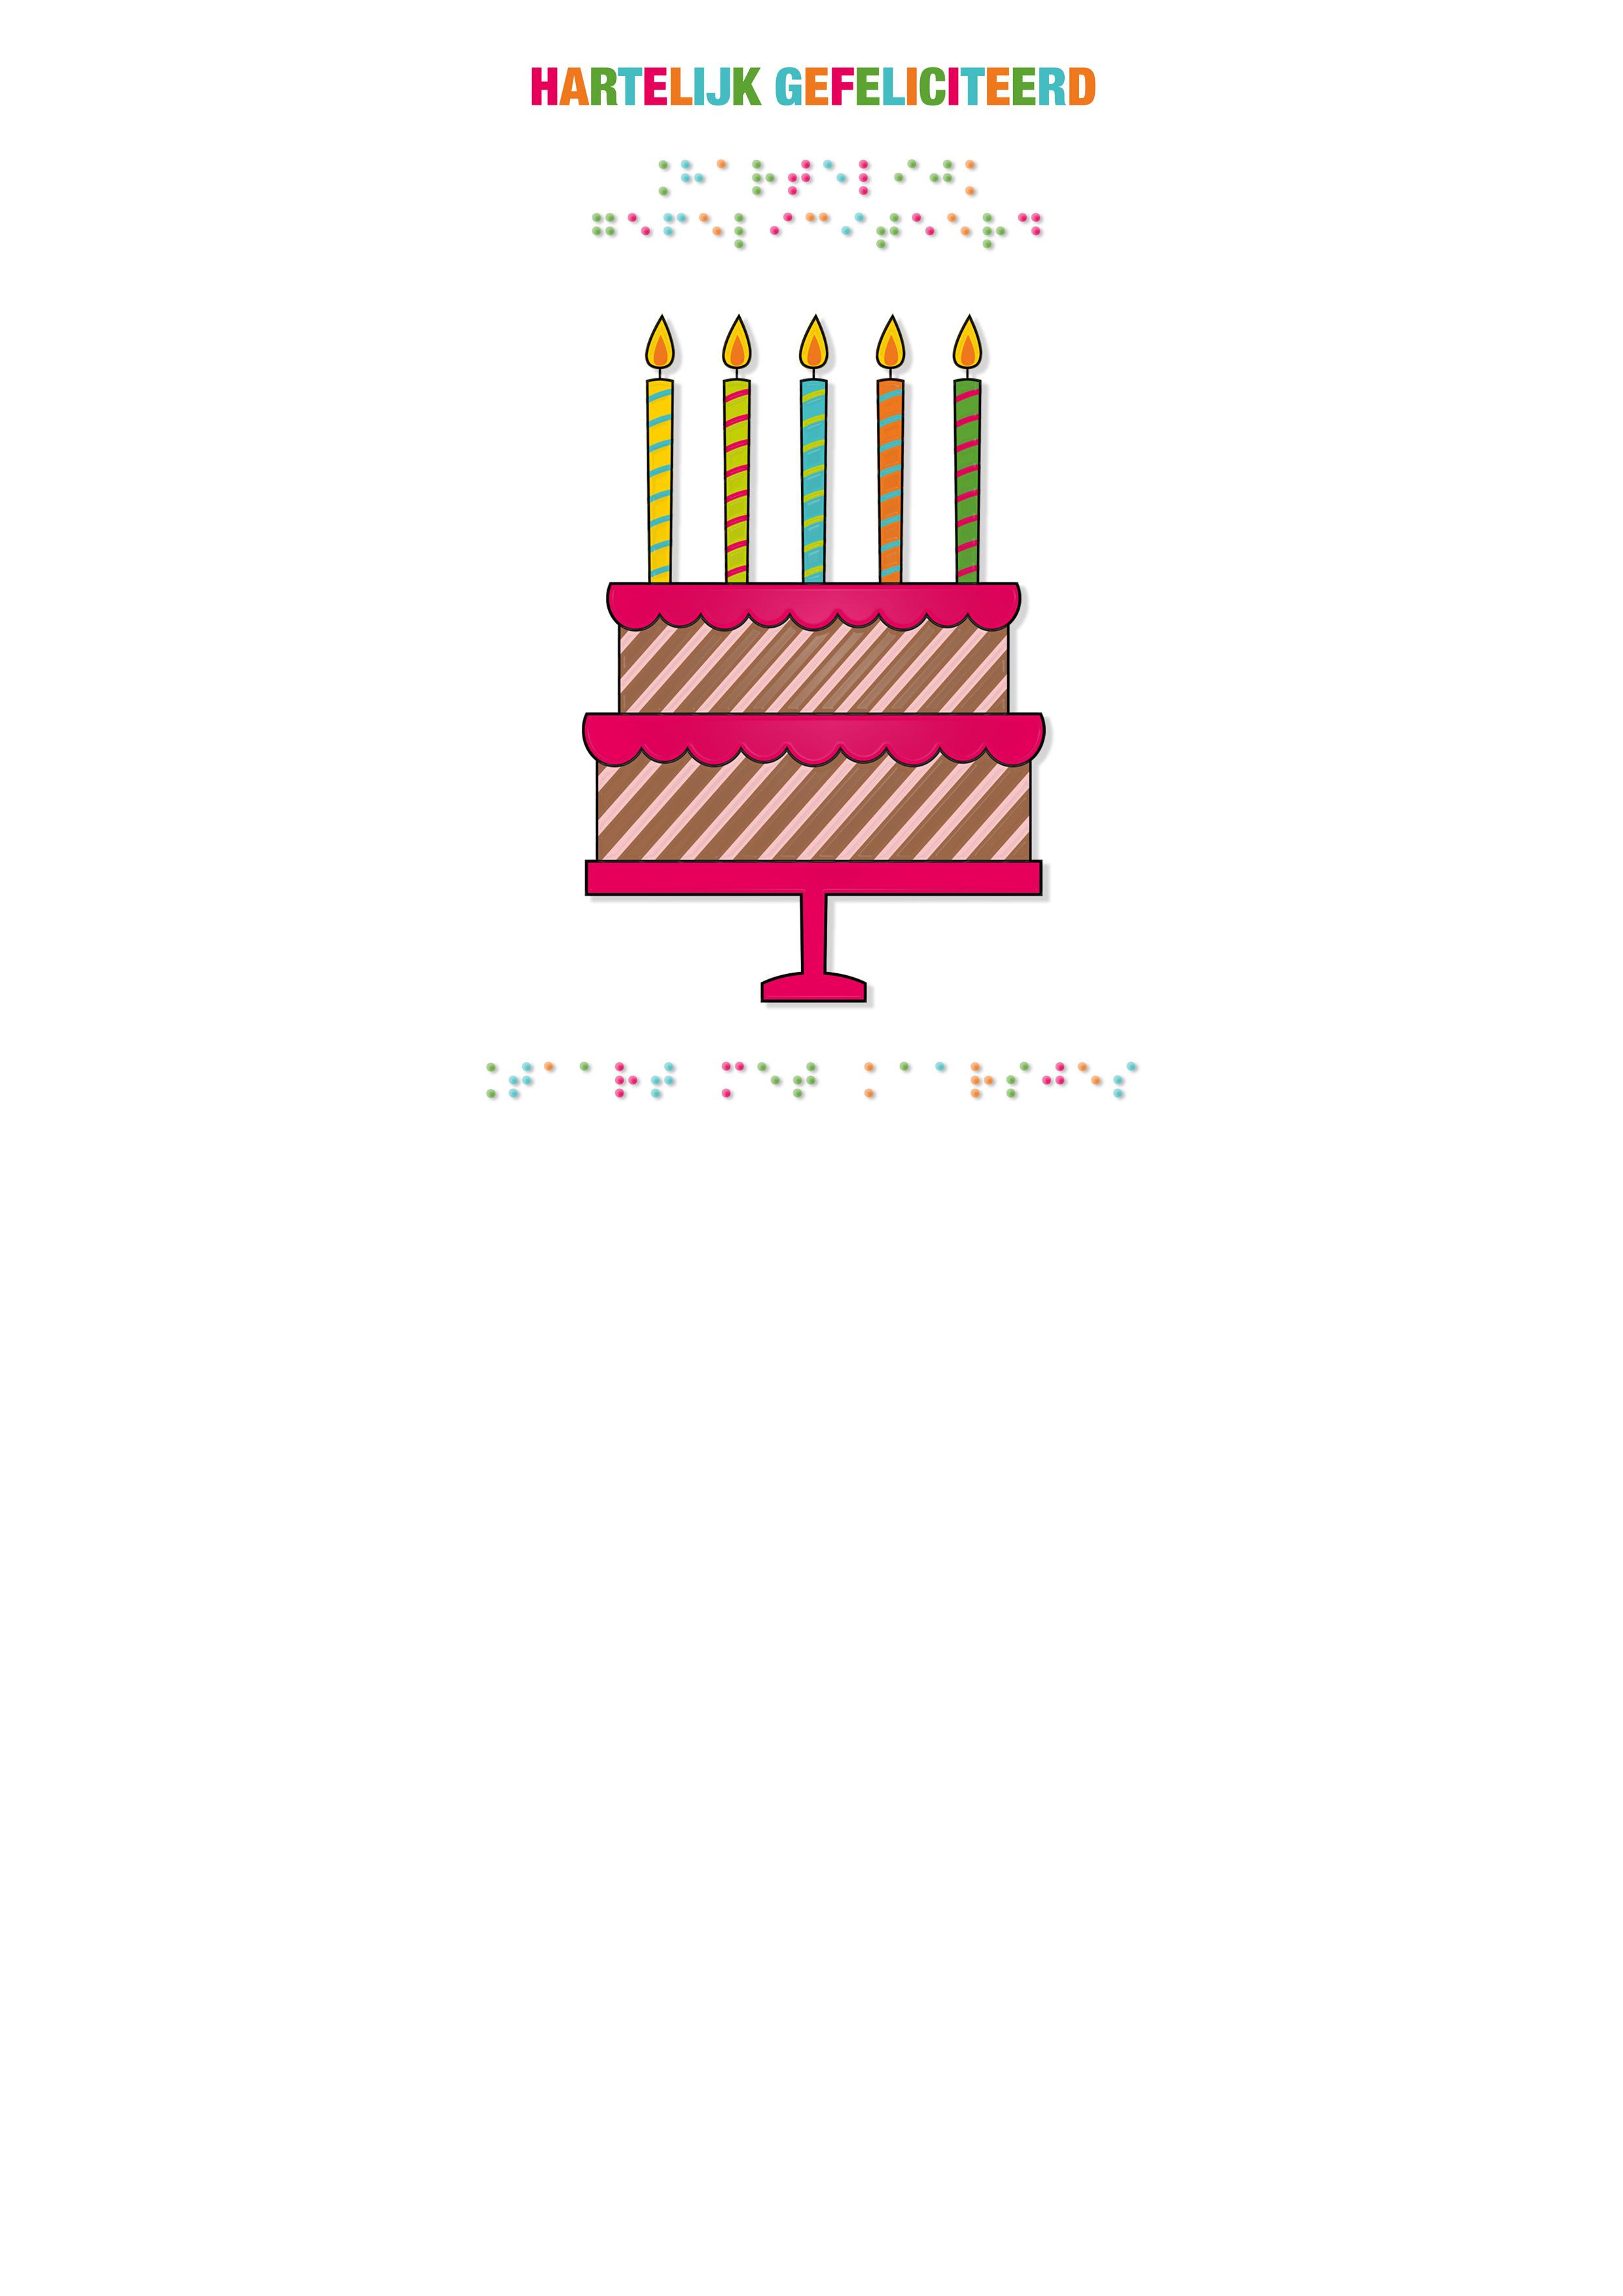 Voelbare wenskaart met braille en reliëf. In braille de tekst: Hartelijk gefeliciteerd. Met full color voelbare afbeelding van een taart met kaarsjes.